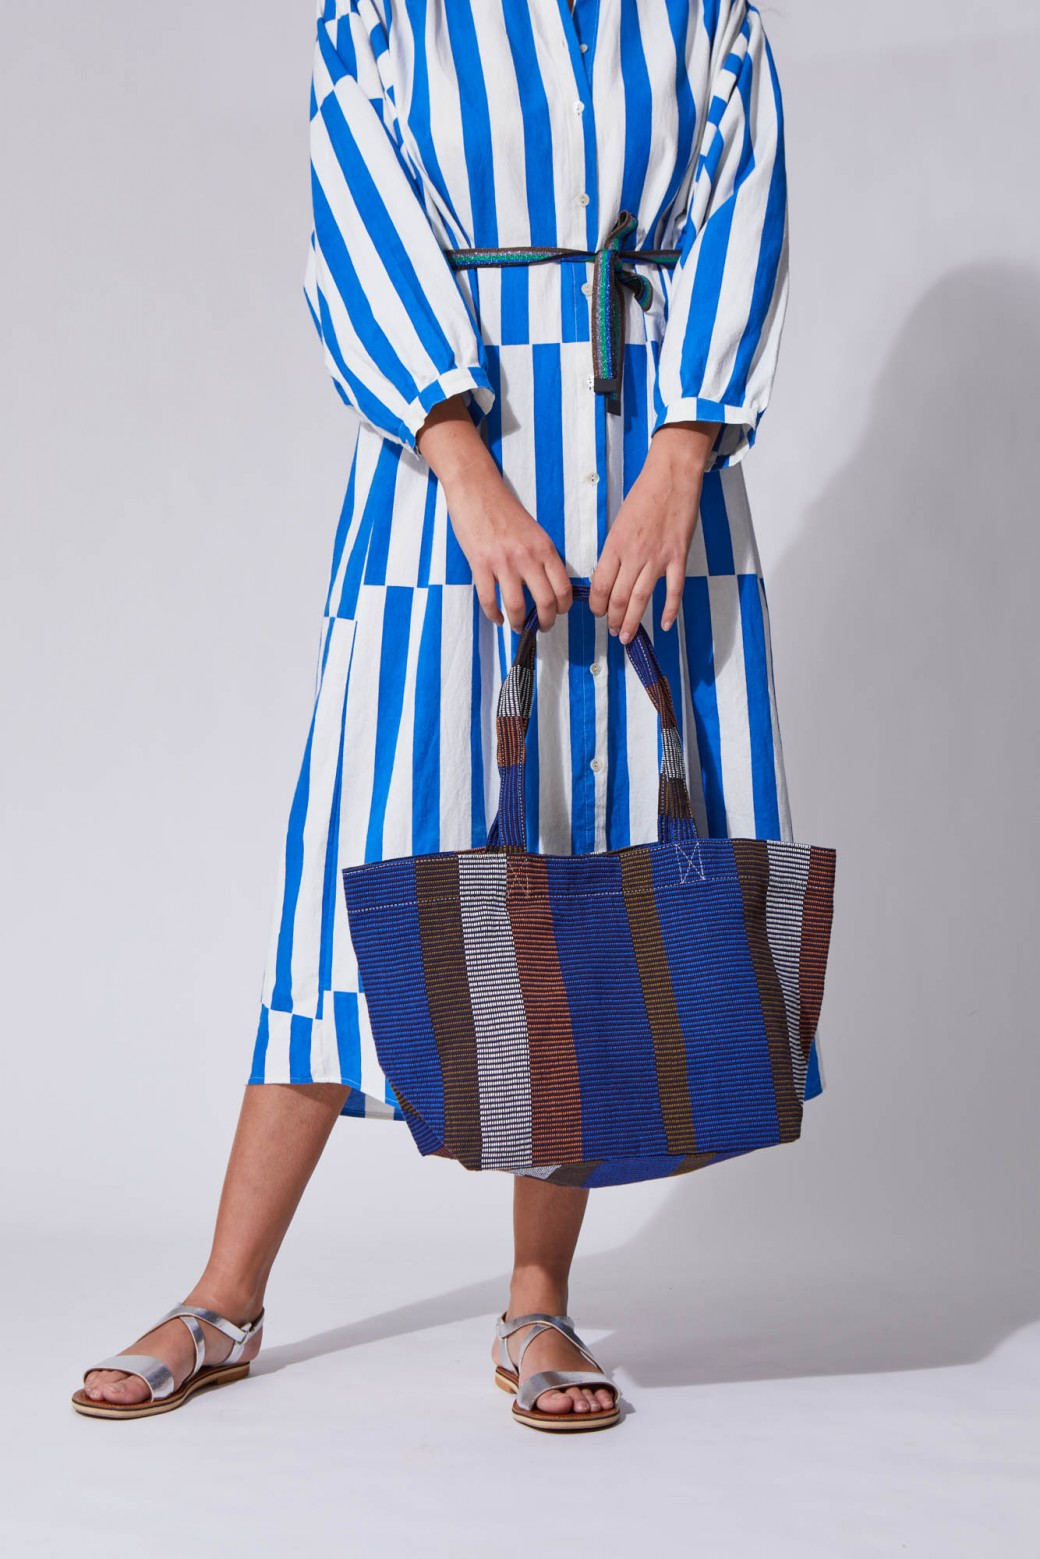 Adonis Night Shopping Bag